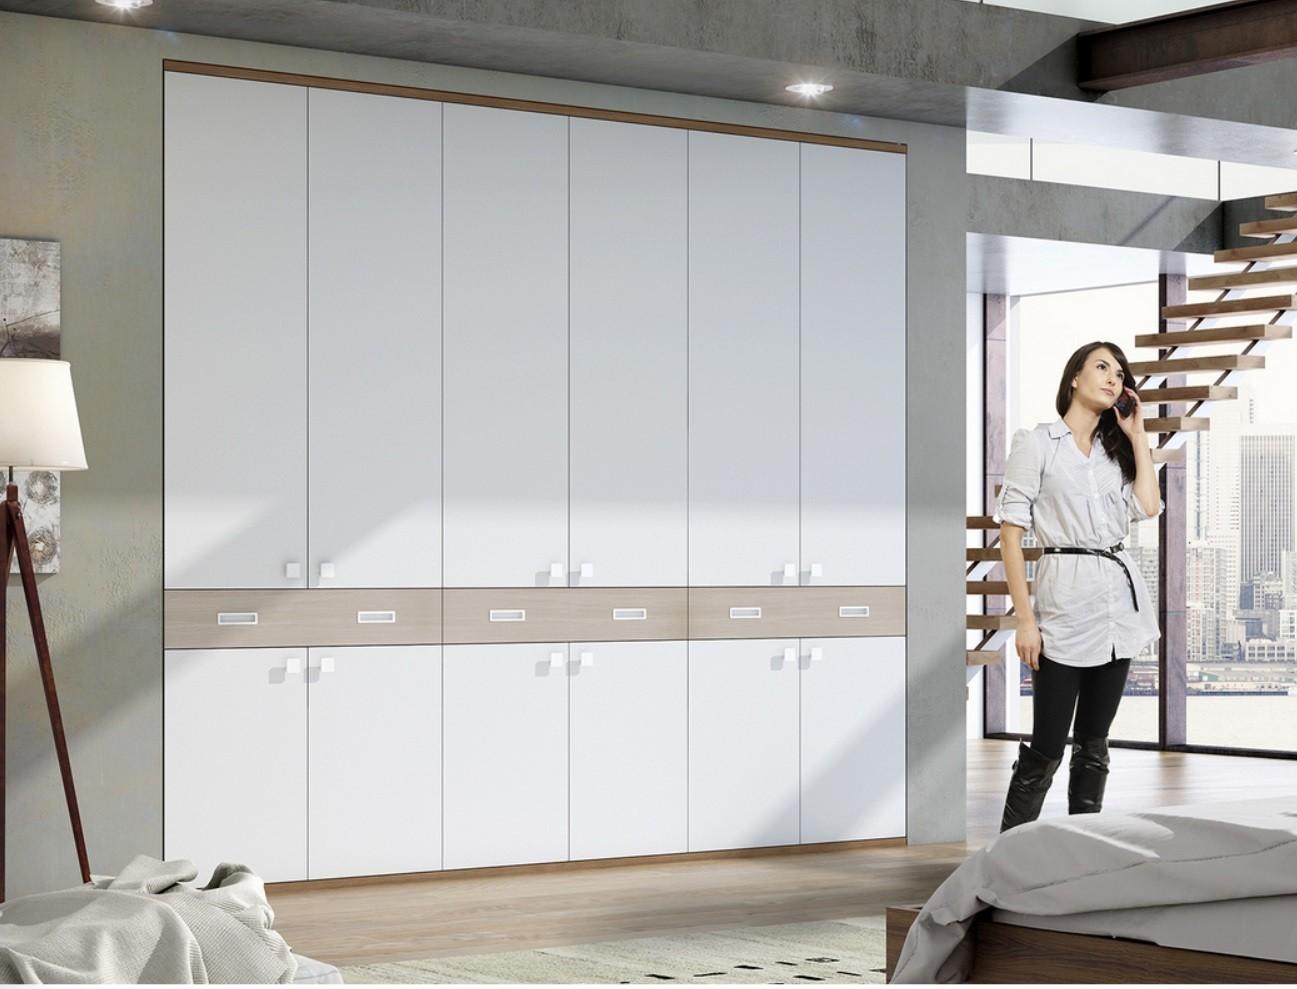 Armario moderno puertas abatibles medida 620 03 mobles - Puertas armario abatibles ...